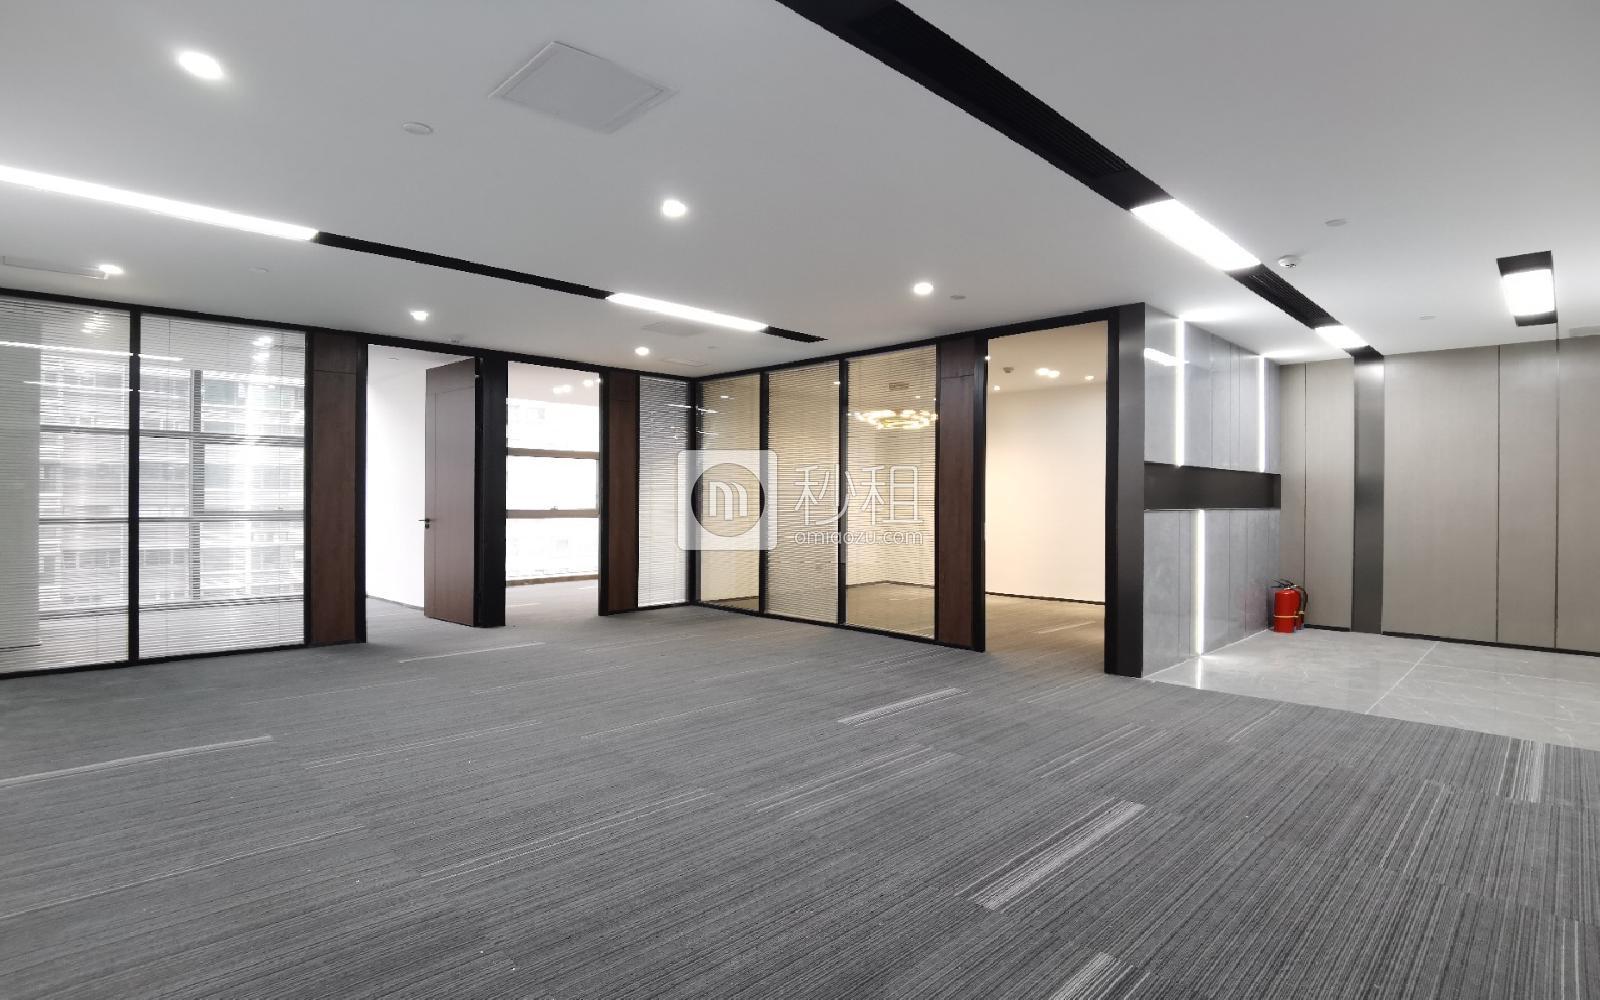 宝安-西乡 蘅芳科技大厦 188m²